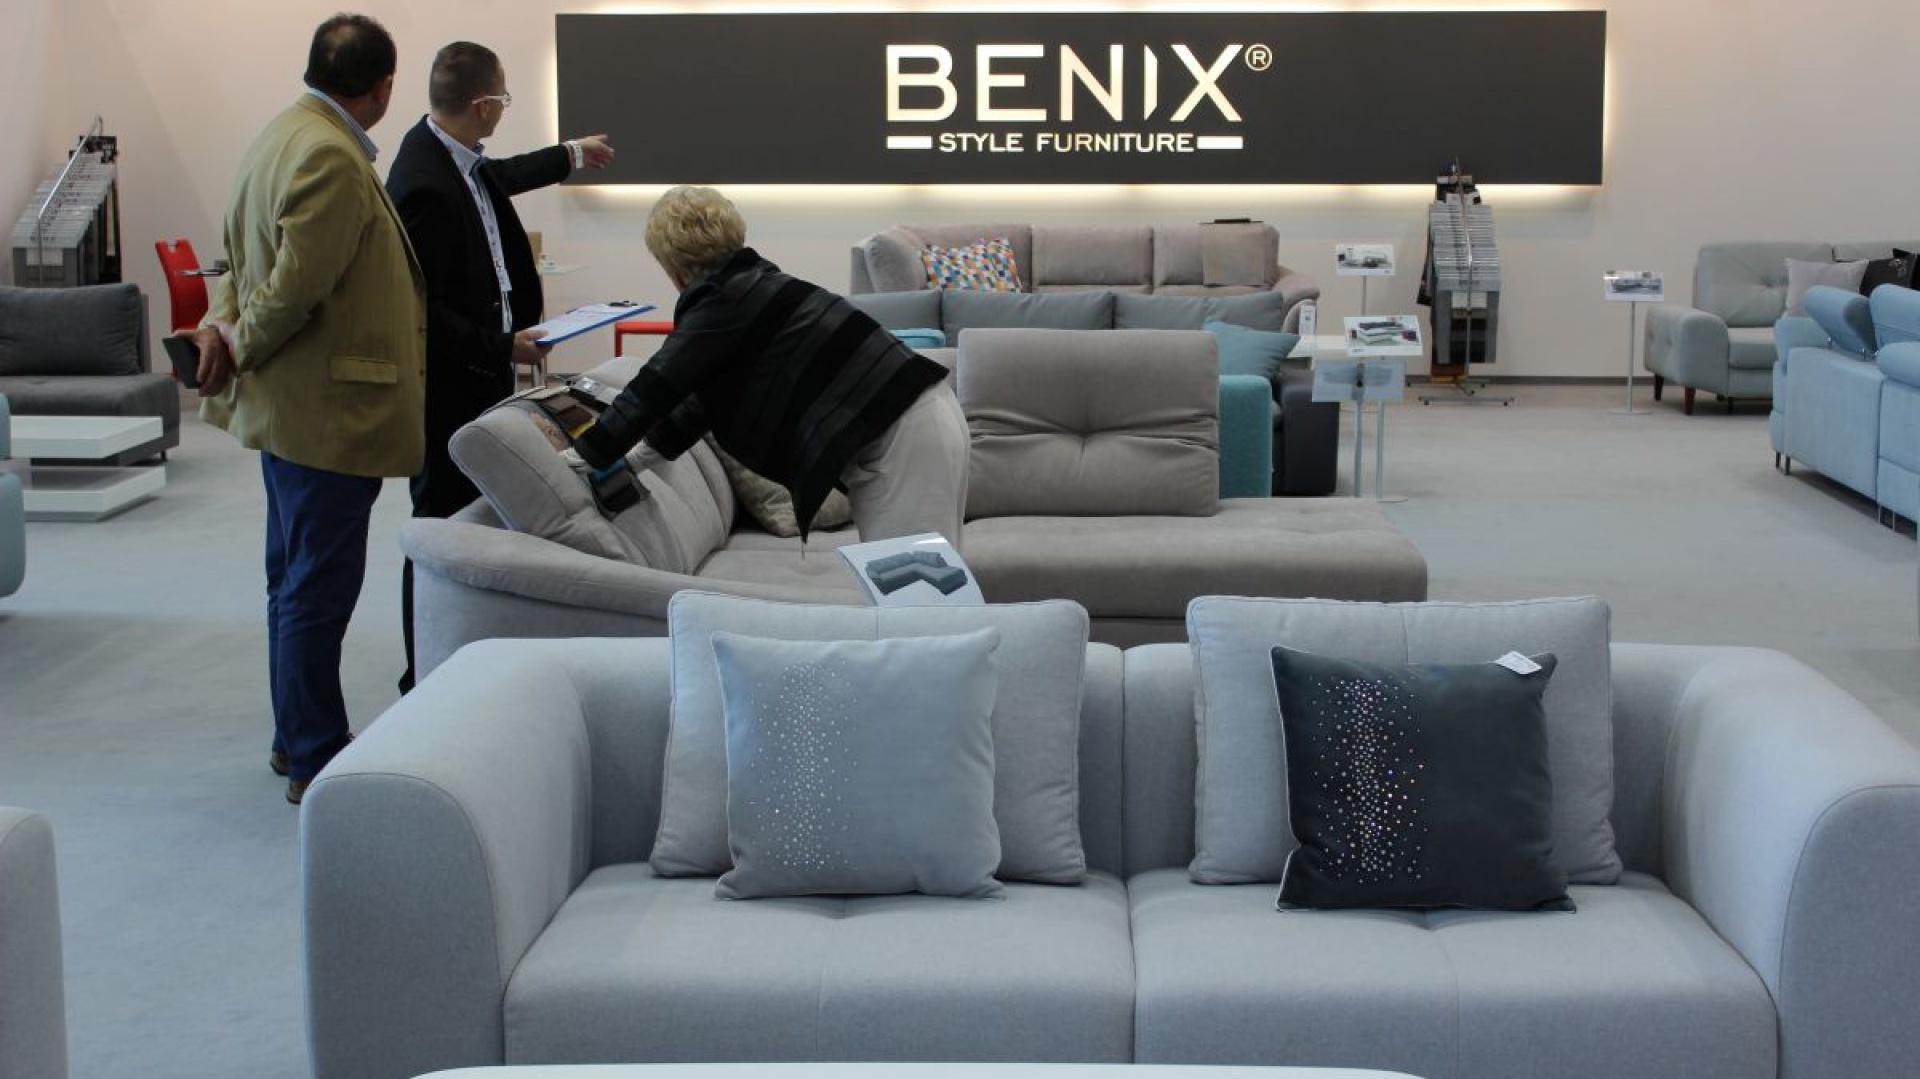 Stoisko firmy Benix, producenta mebli tapicerowanych. Fot. Mariusz Golak